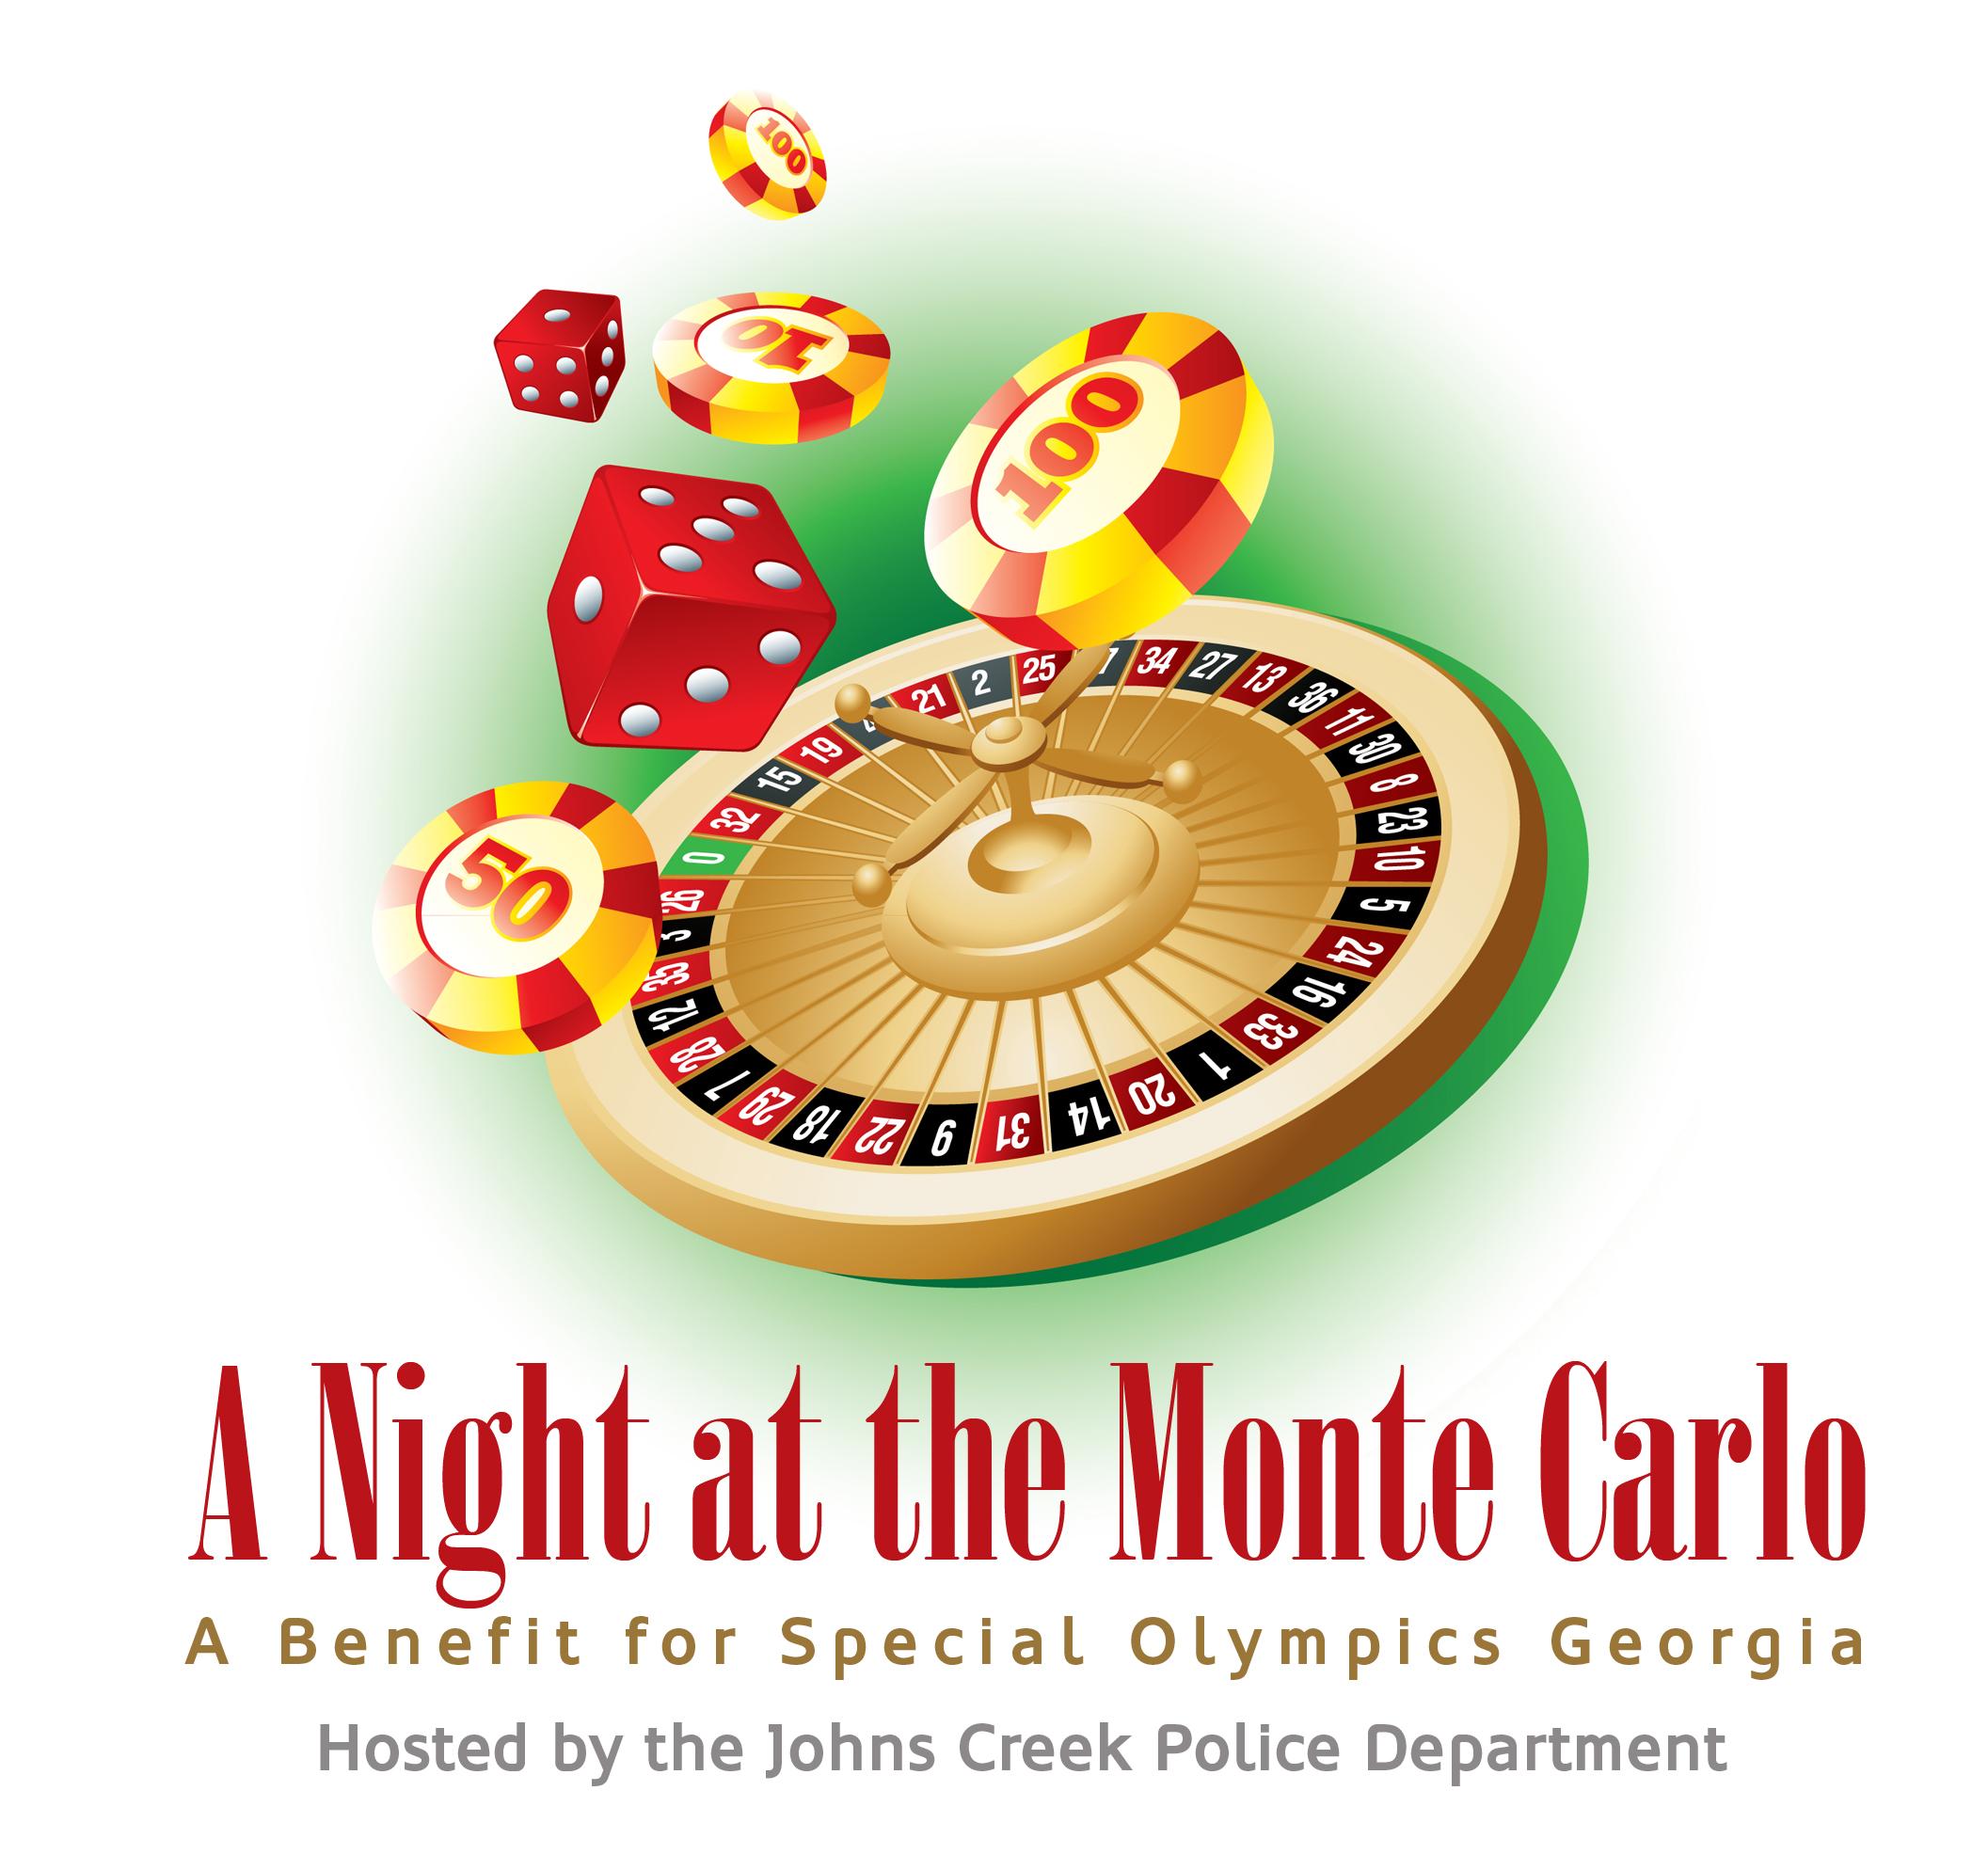 Clipground clip art. Casino clipart night monte carlo